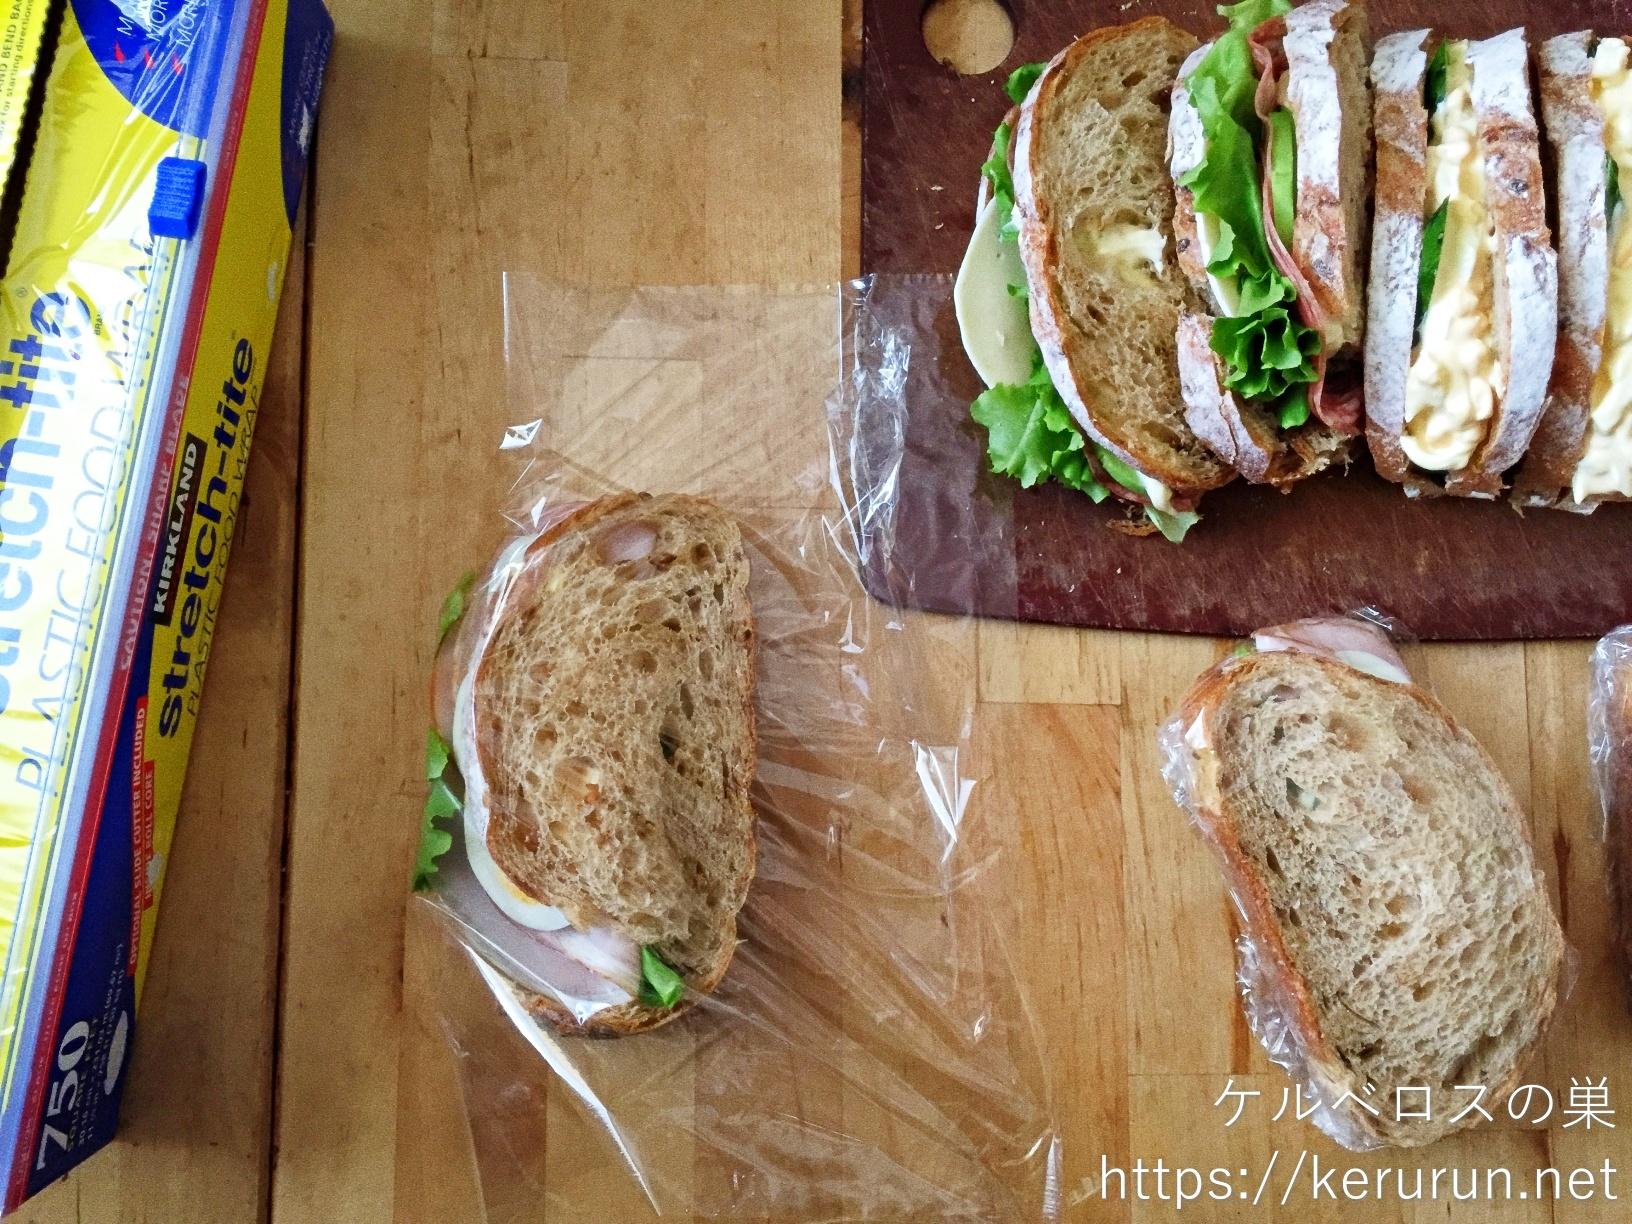 コストコのカントリーフレンチライで作るサンドイッチ弁当